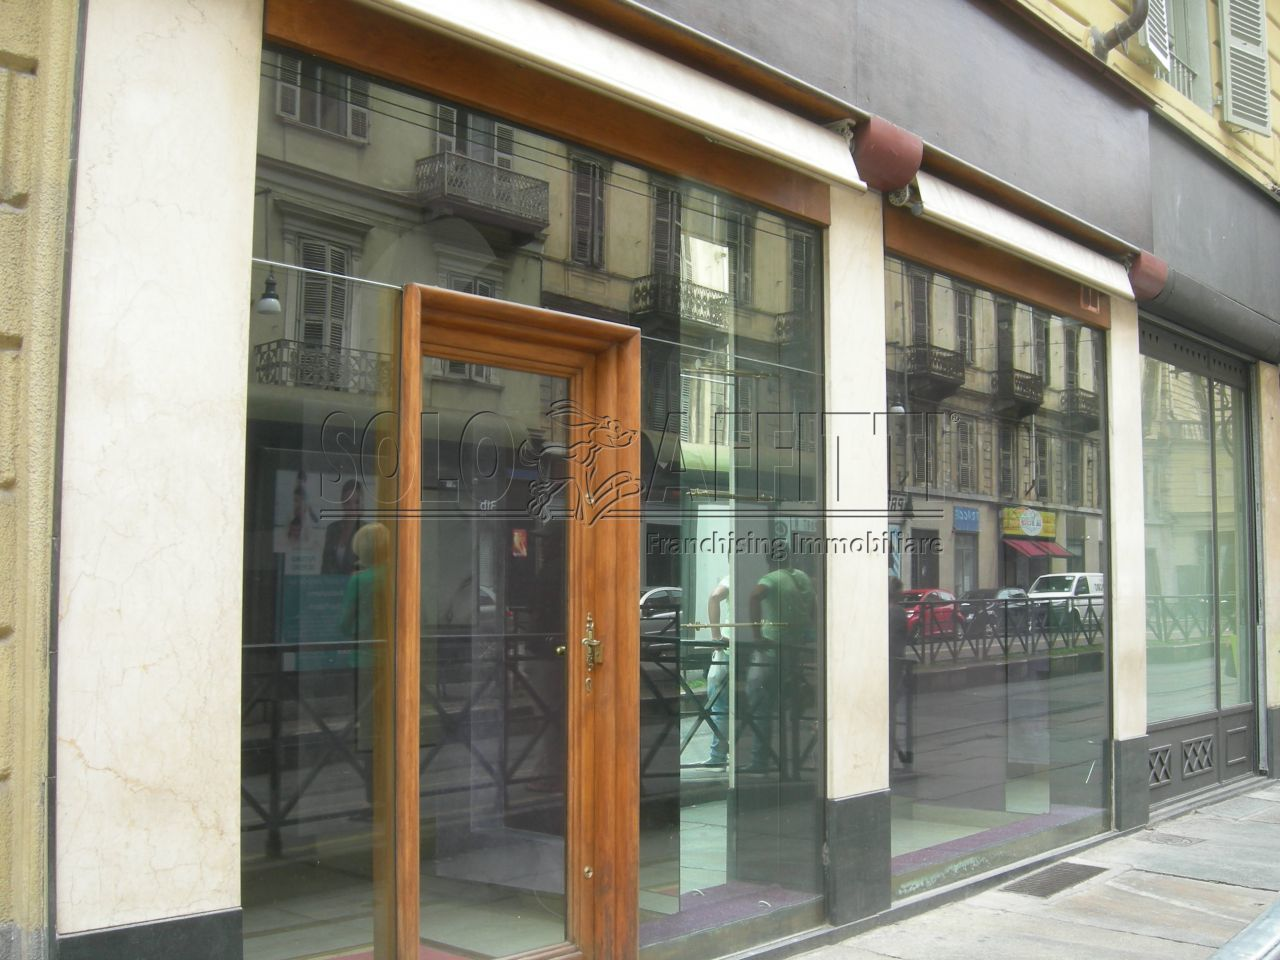 Negozio / Locale in affitto a Torino, 2 locali, prezzo € 1.500 | Cambio Casa.it